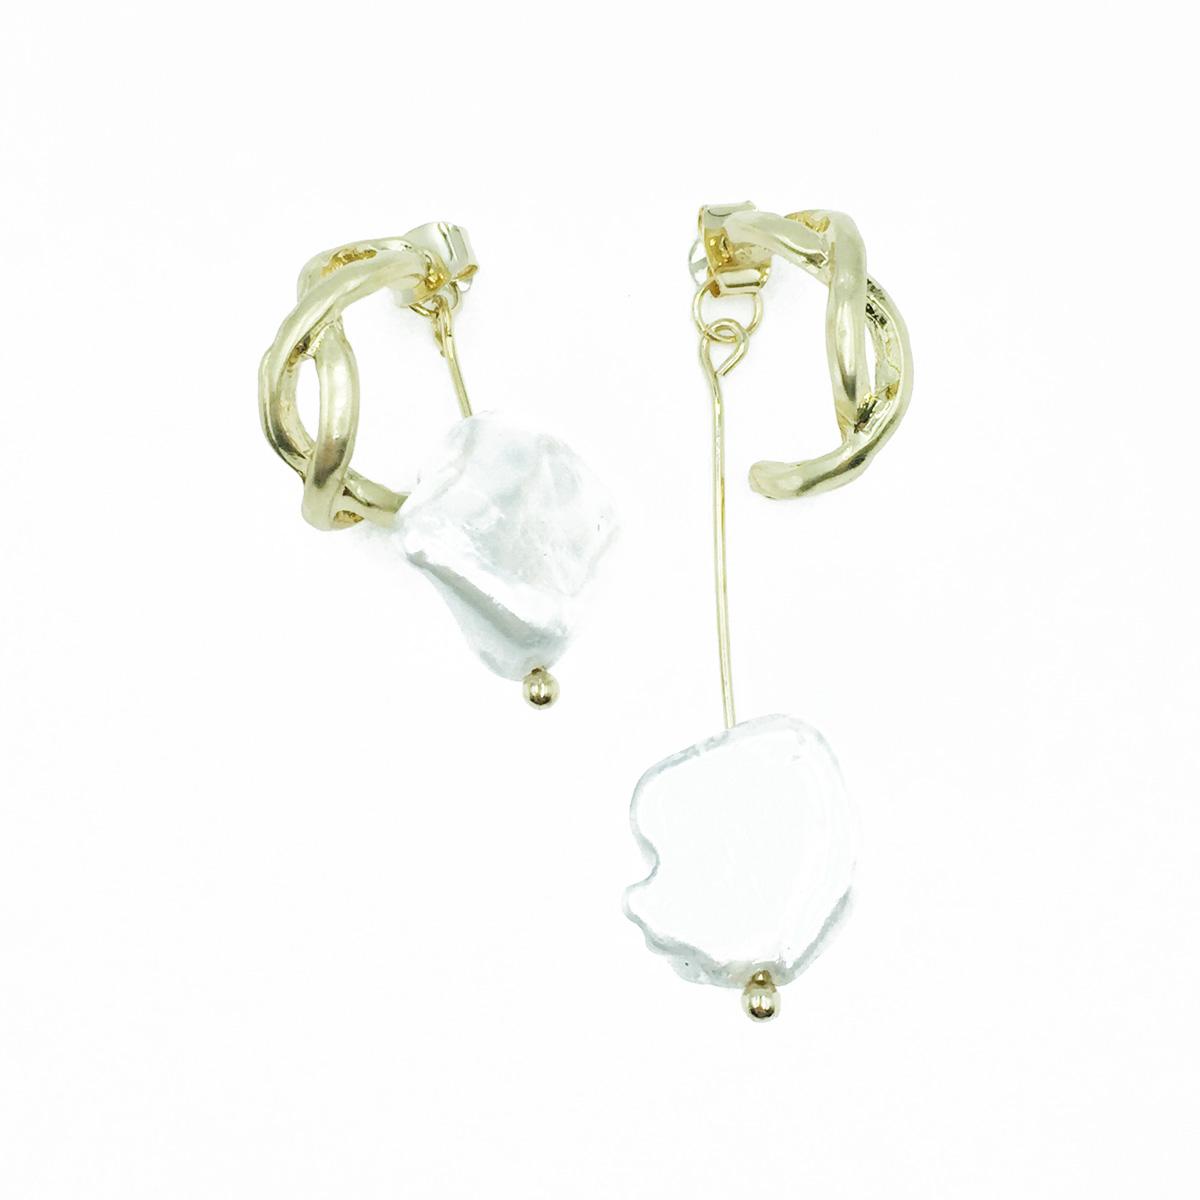 韓國 簍空麻花 C環圈 不規則 垂墜感 耳針式耳環